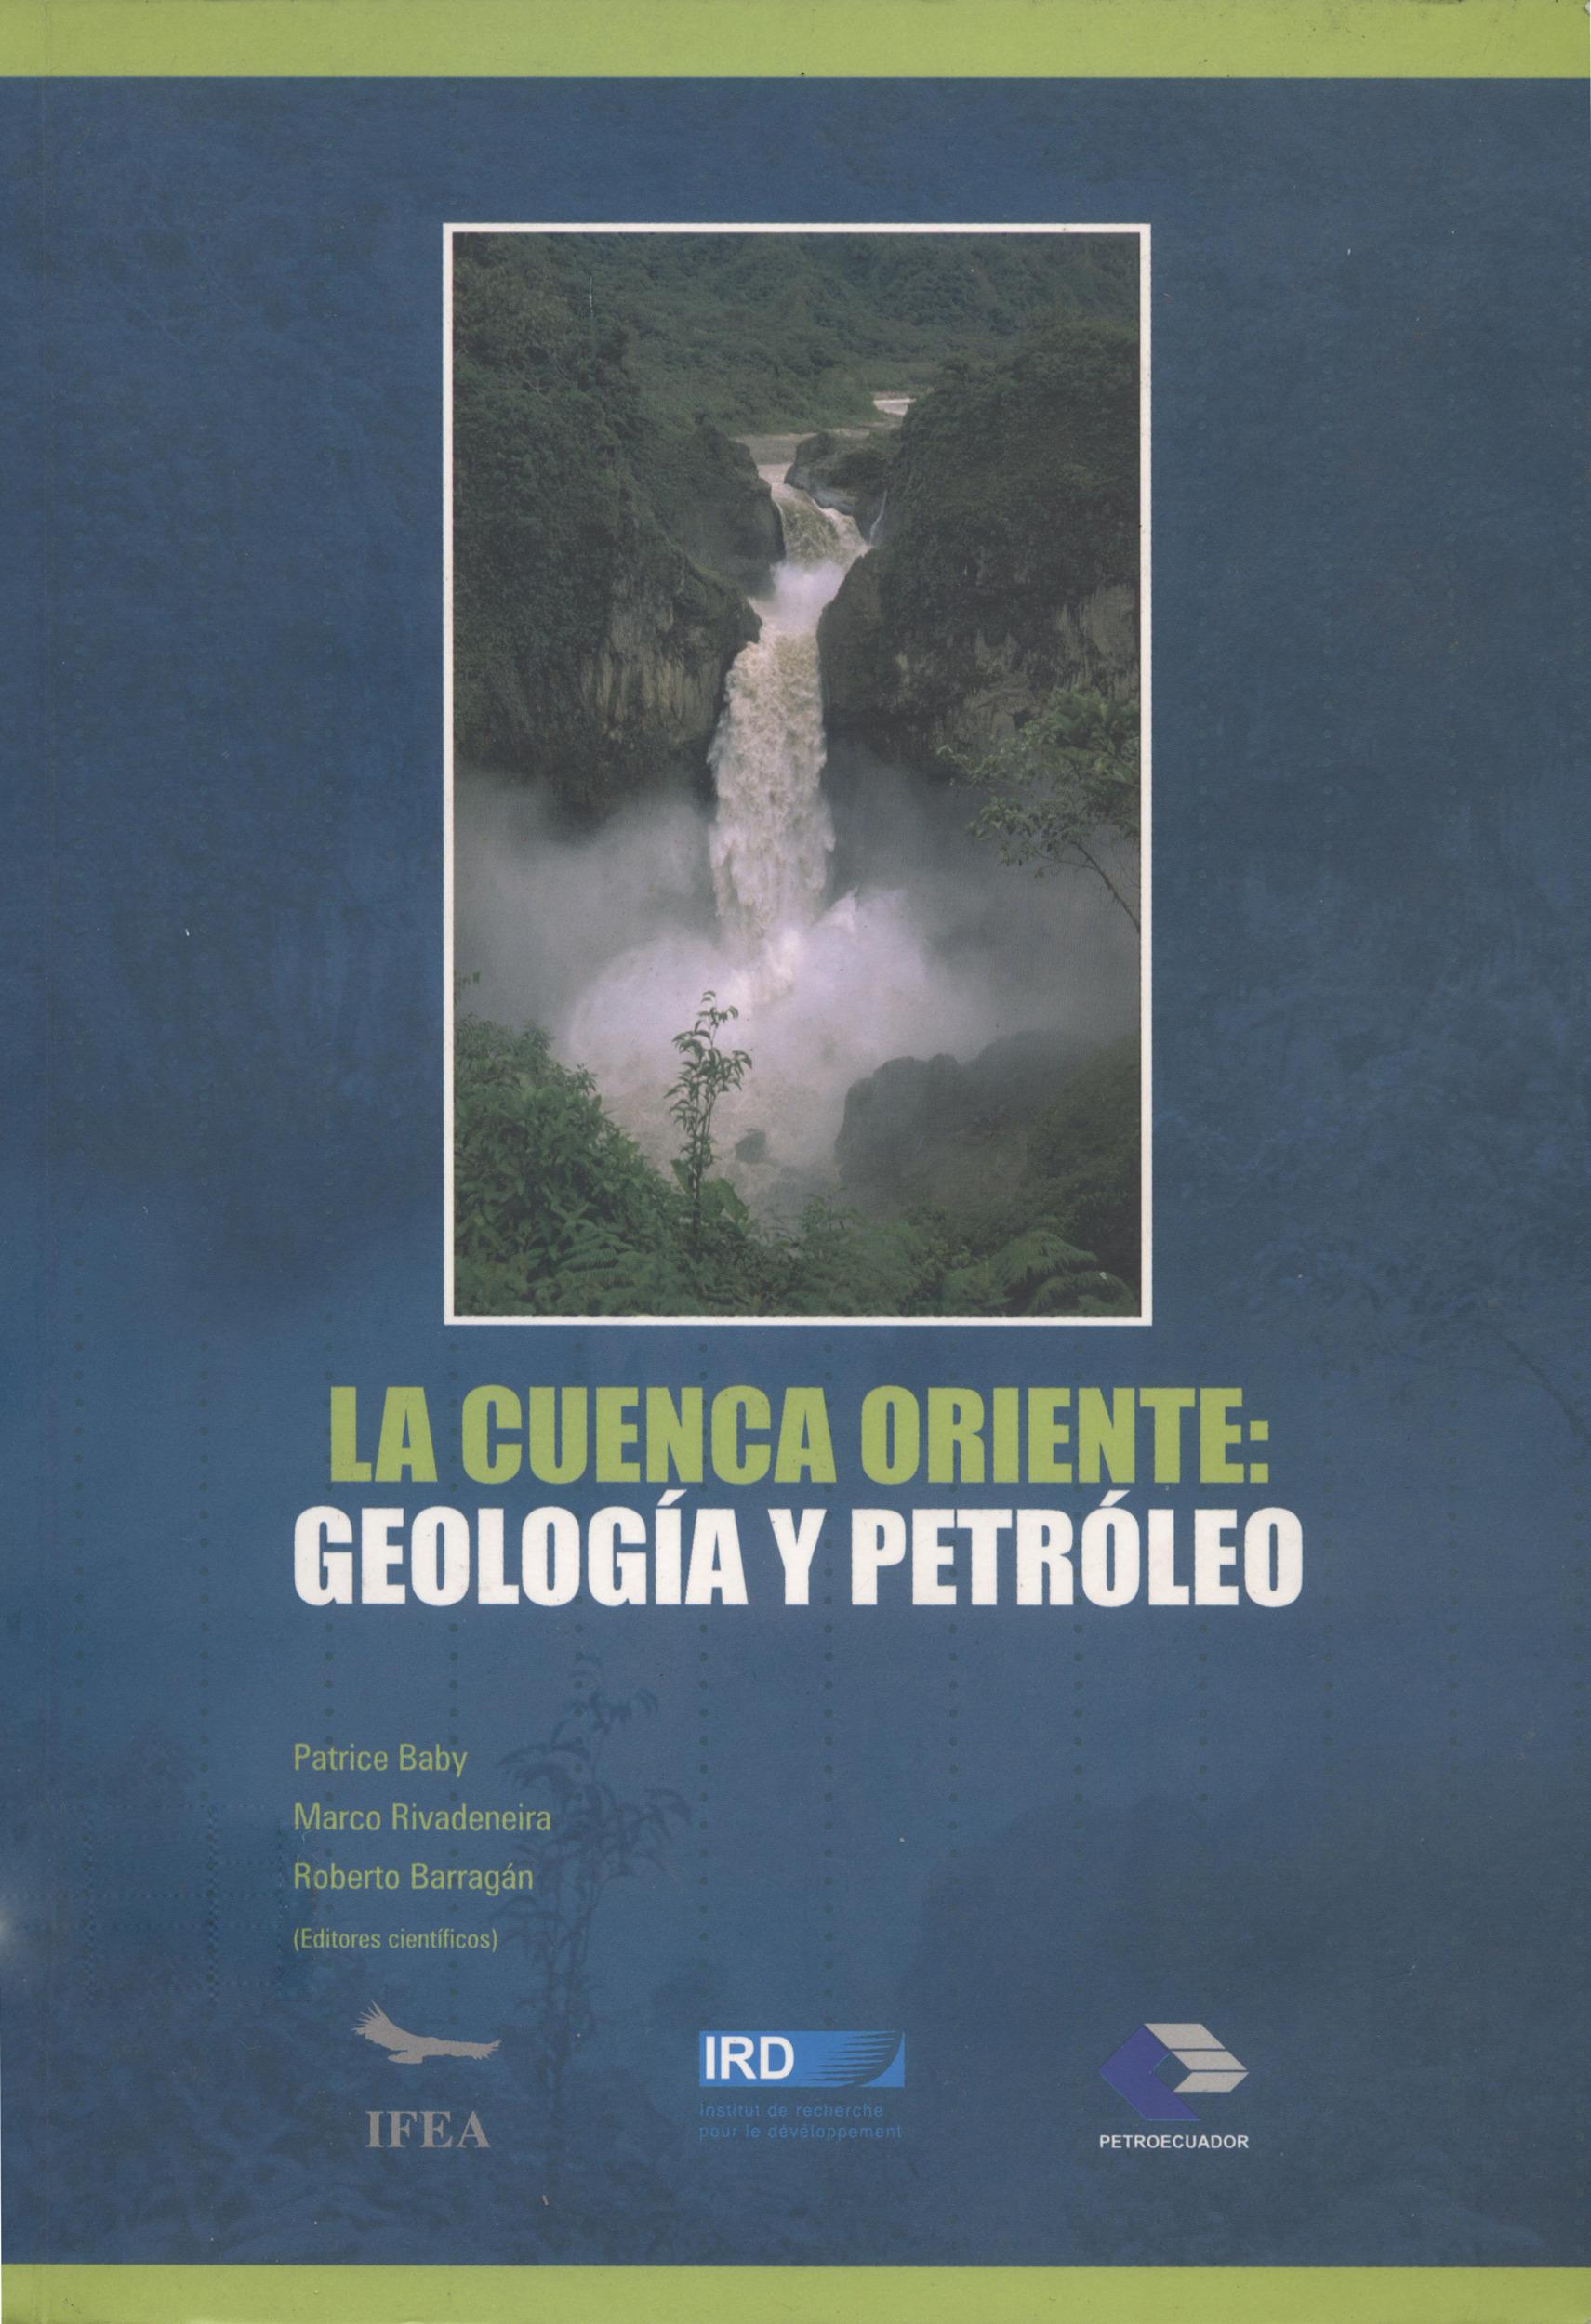 La Cuenca Oriente